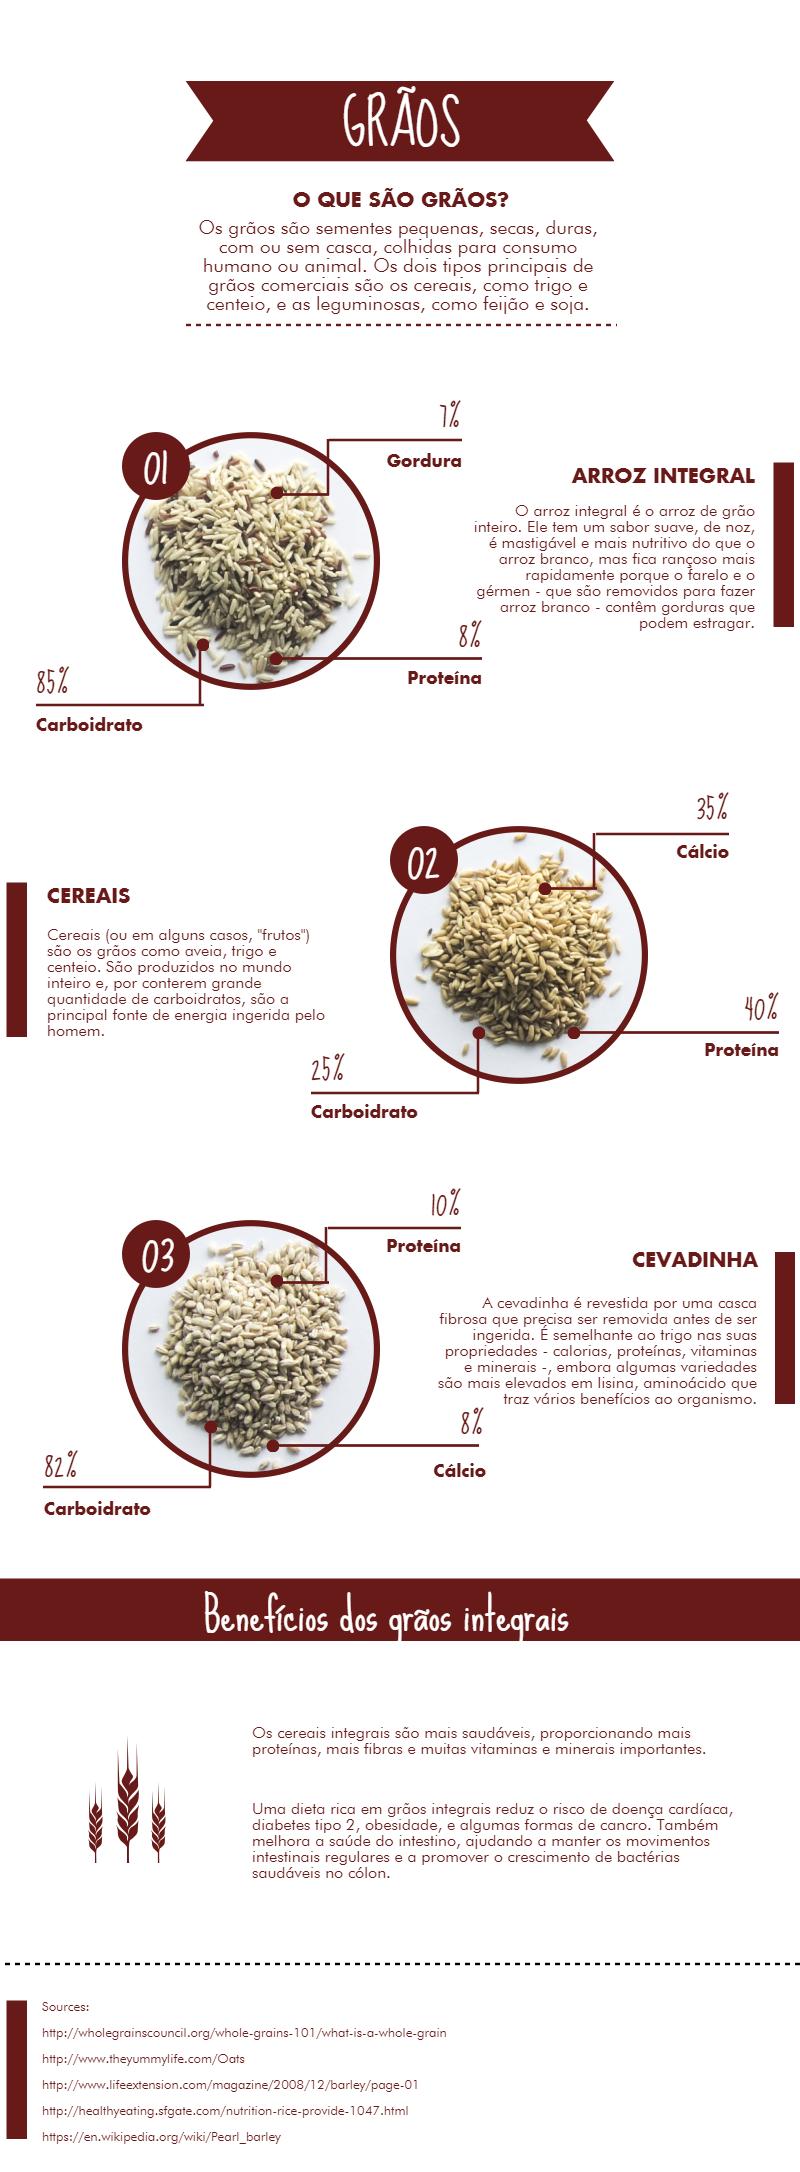 Fortissima - benefícios dos grãos